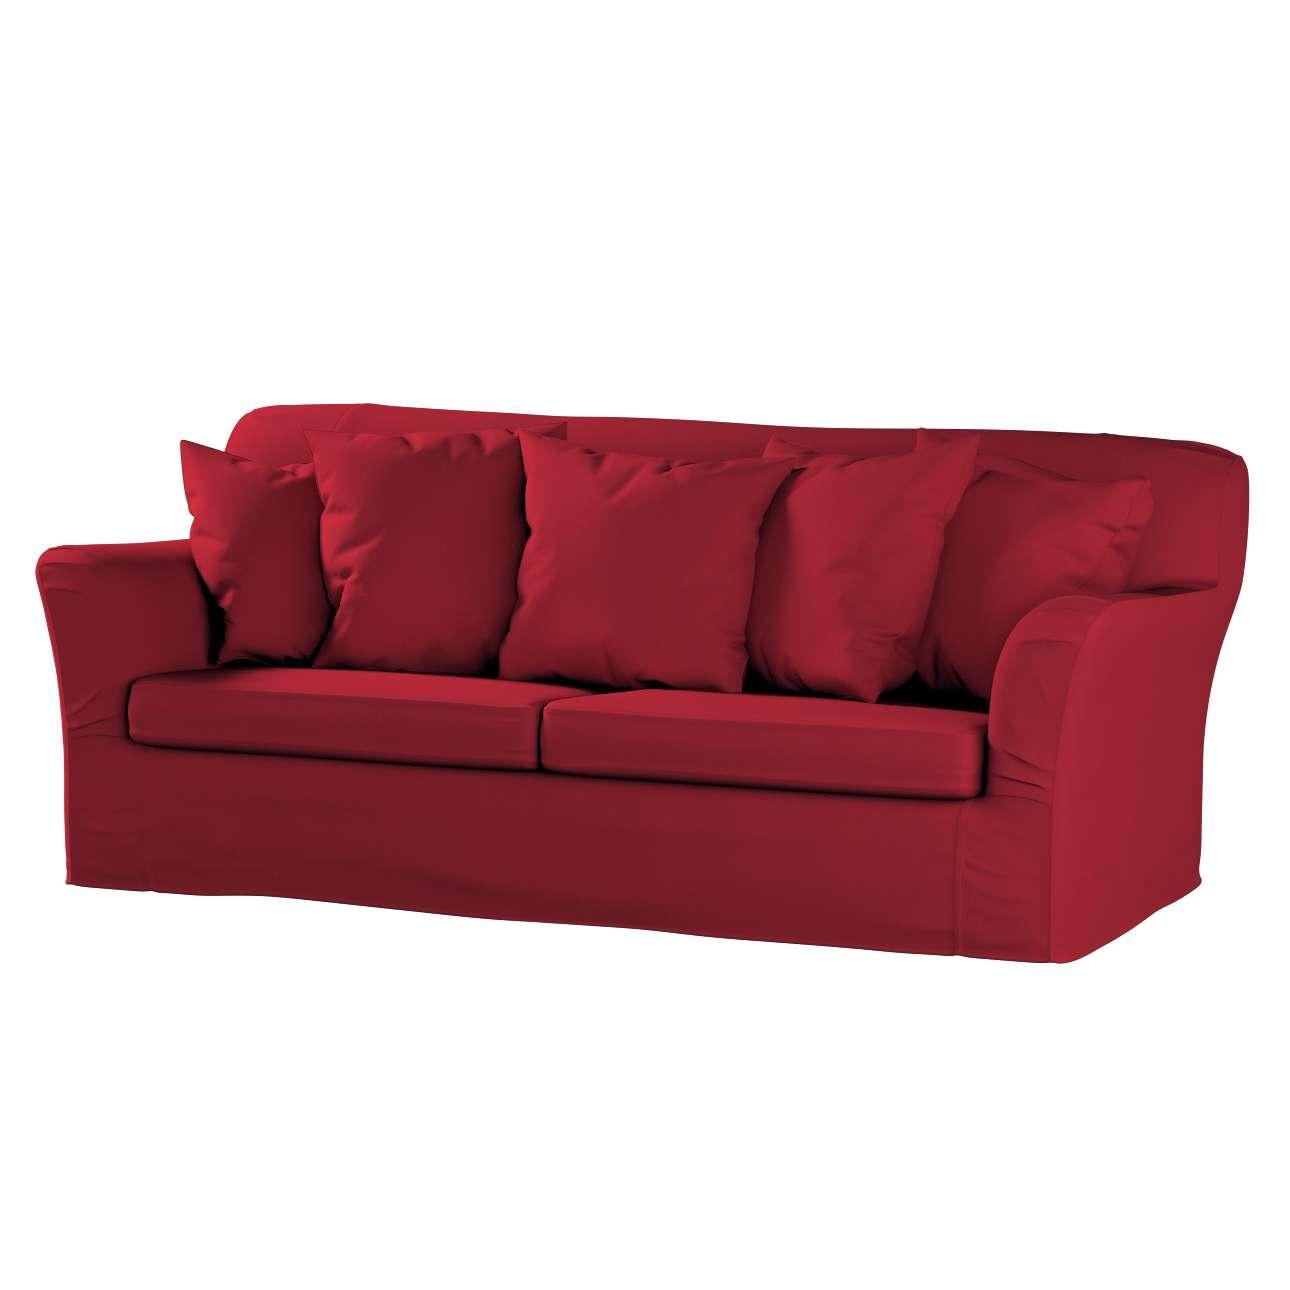 Pokrowiec na sofę Tomelilla rozkładaną Sofa Tomelilla rozkładana w kolekcji Chenille, tkanina: 702-24